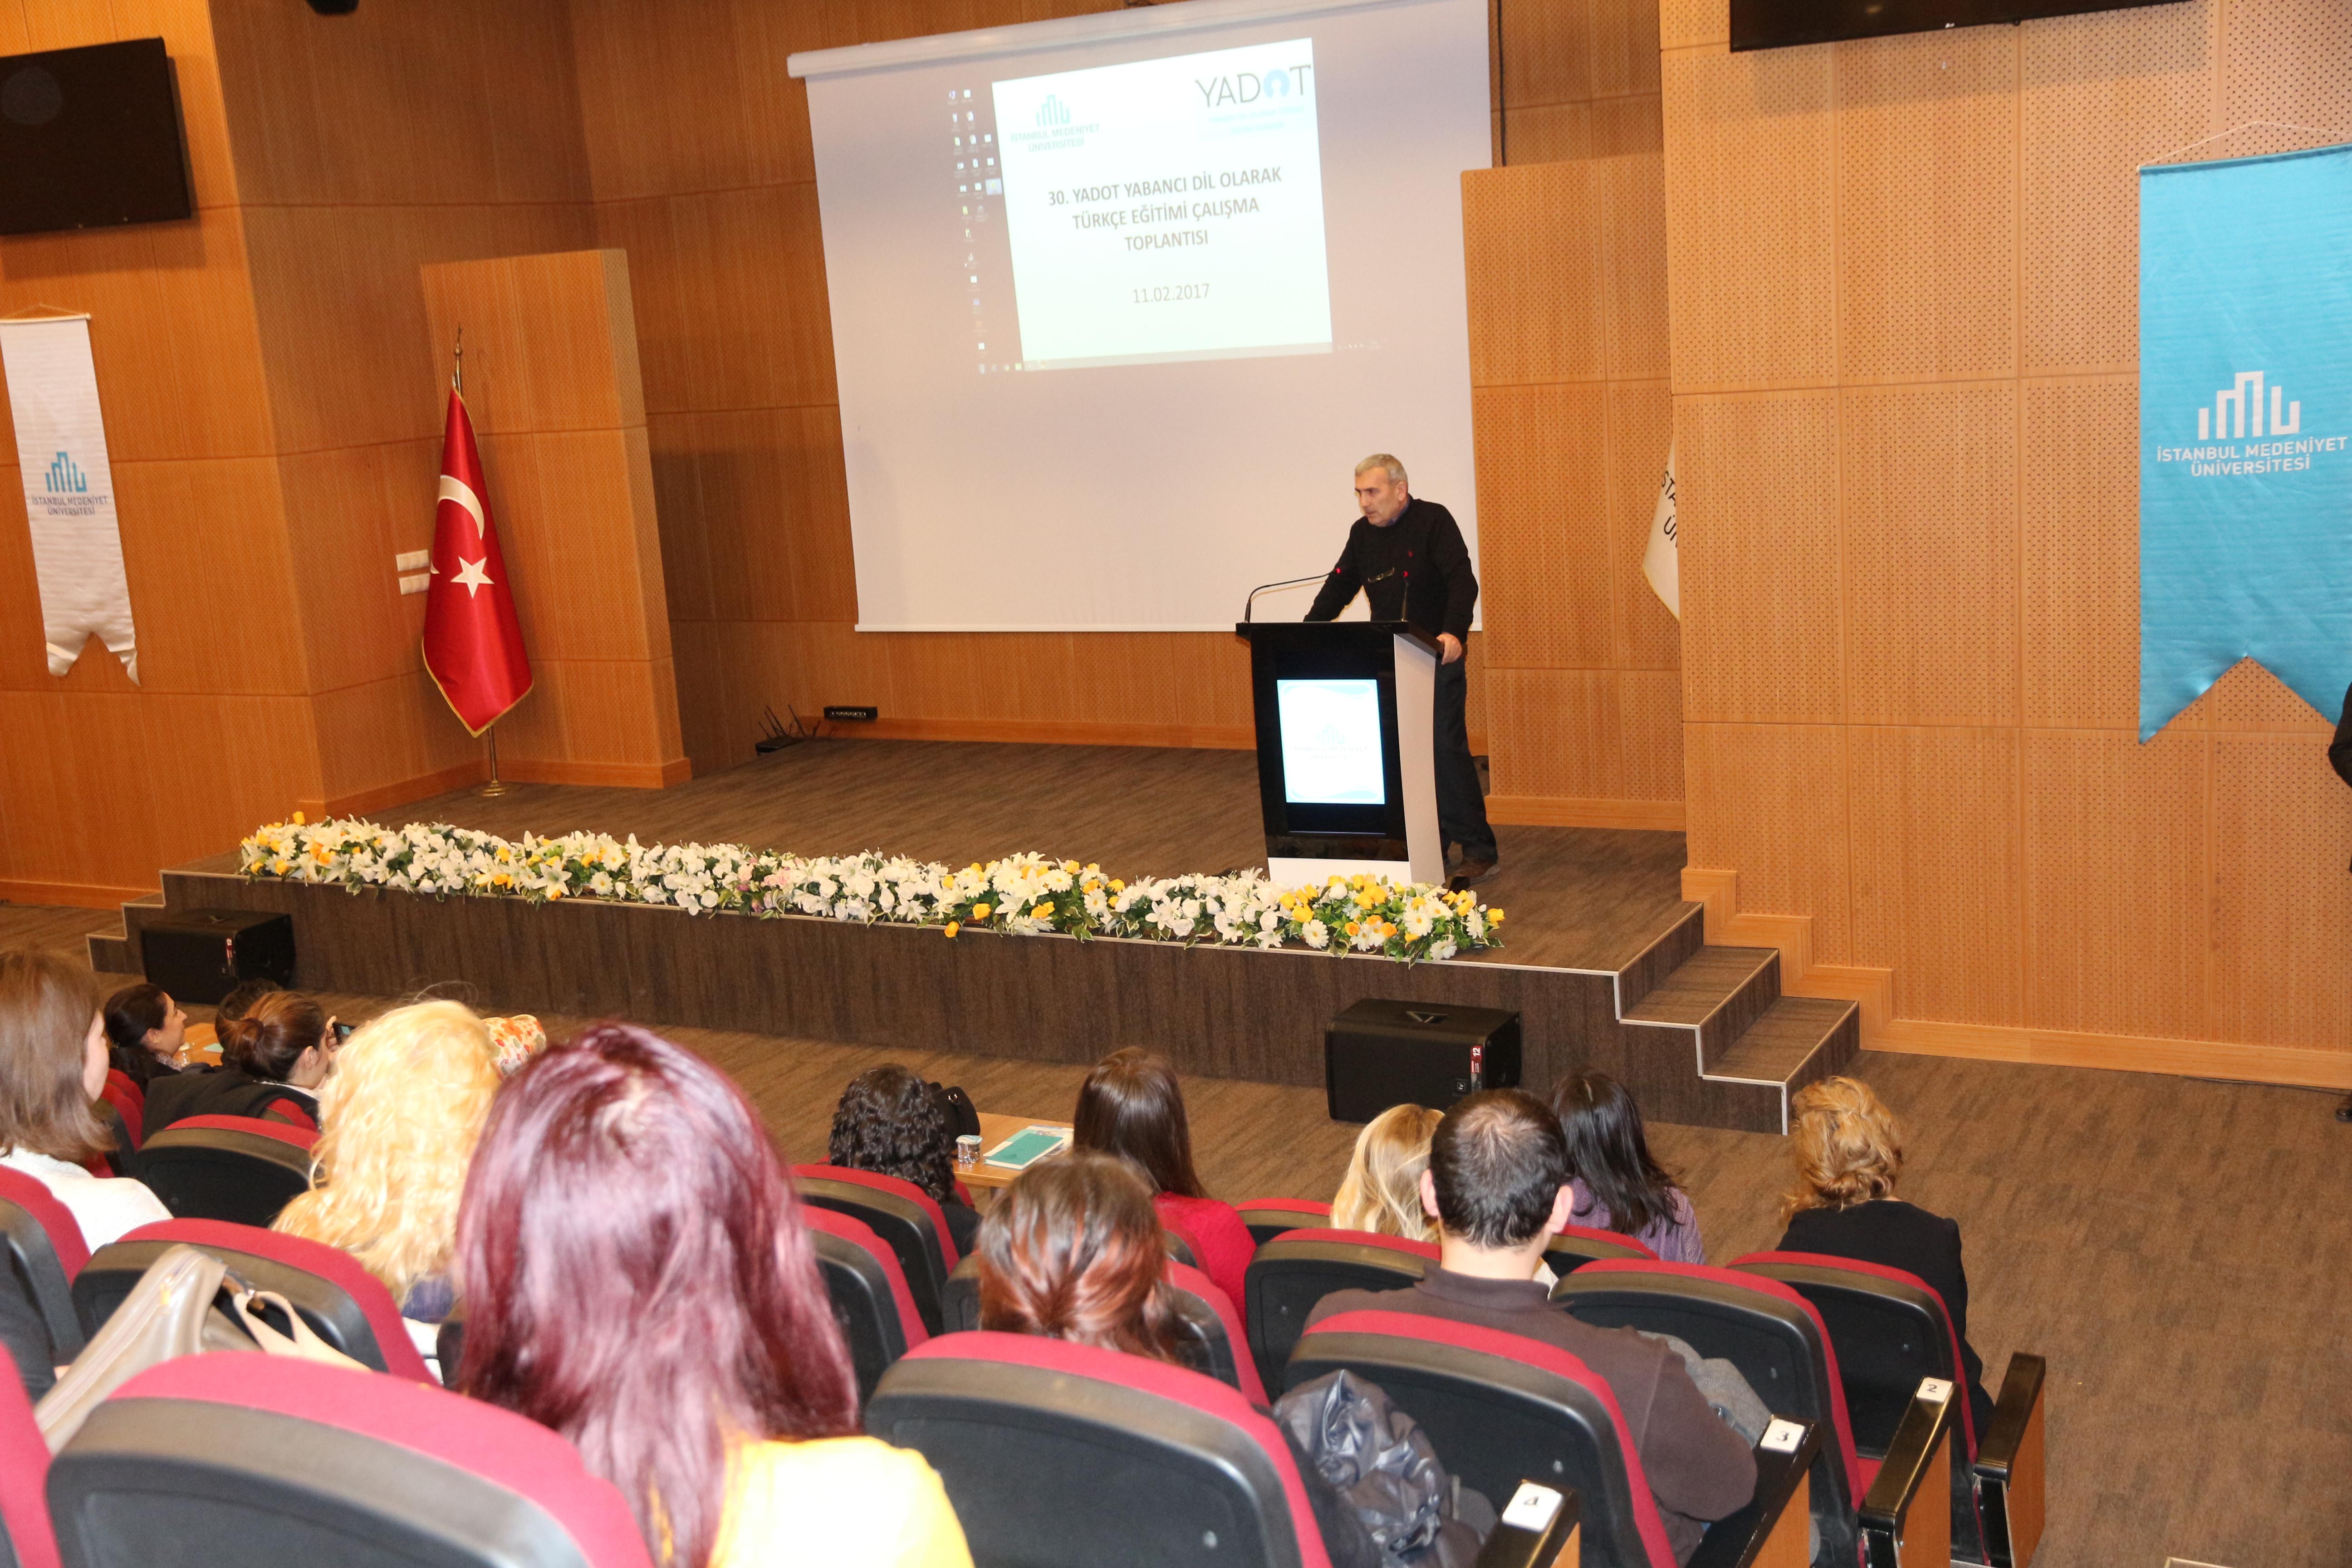 30. YADOT Çalışma Toplantısı İstanbul Medeniyet Üniversitesinde gerçekleştirildi.  - Çalıştaylar - YADOT | Yabancı Dil Olarak Türkçe Eğitim Derneği